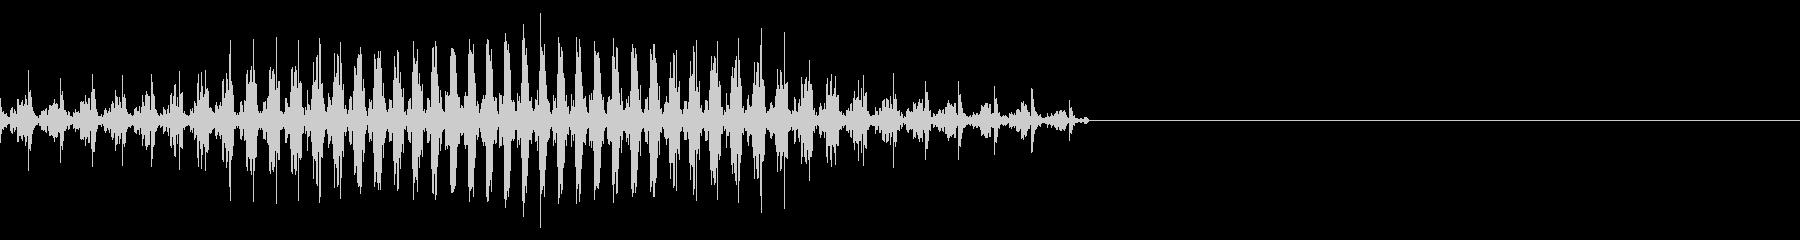 ピストンポンプ;モーター回転数、低...の未再生の波形